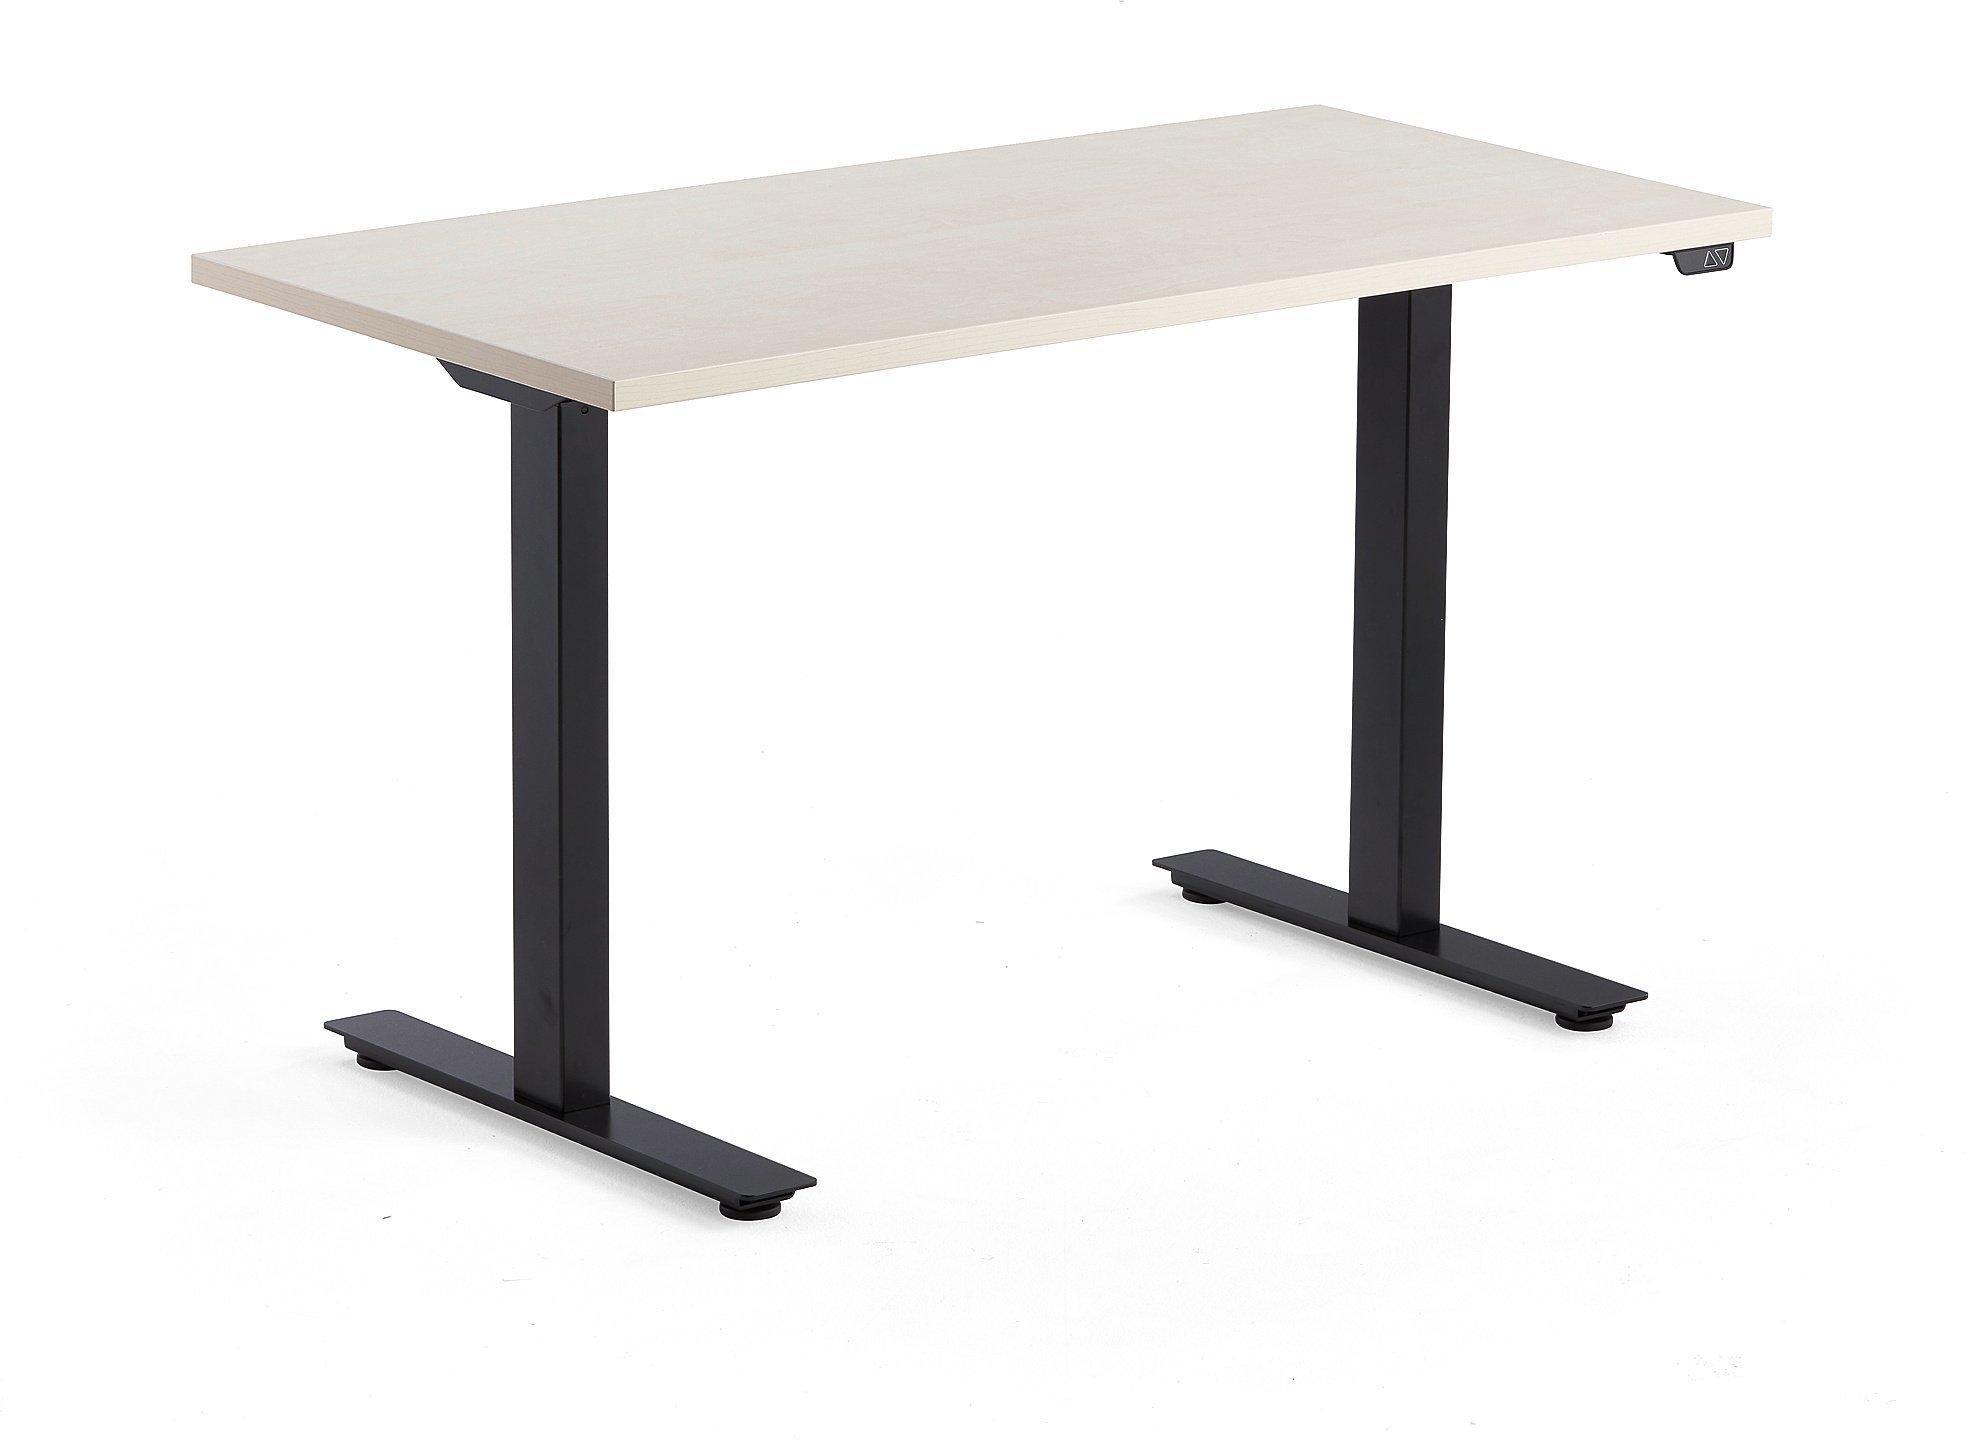 Výškovo nastaviteľný stôl Modulus, 1200x600 mm, čierna, breza